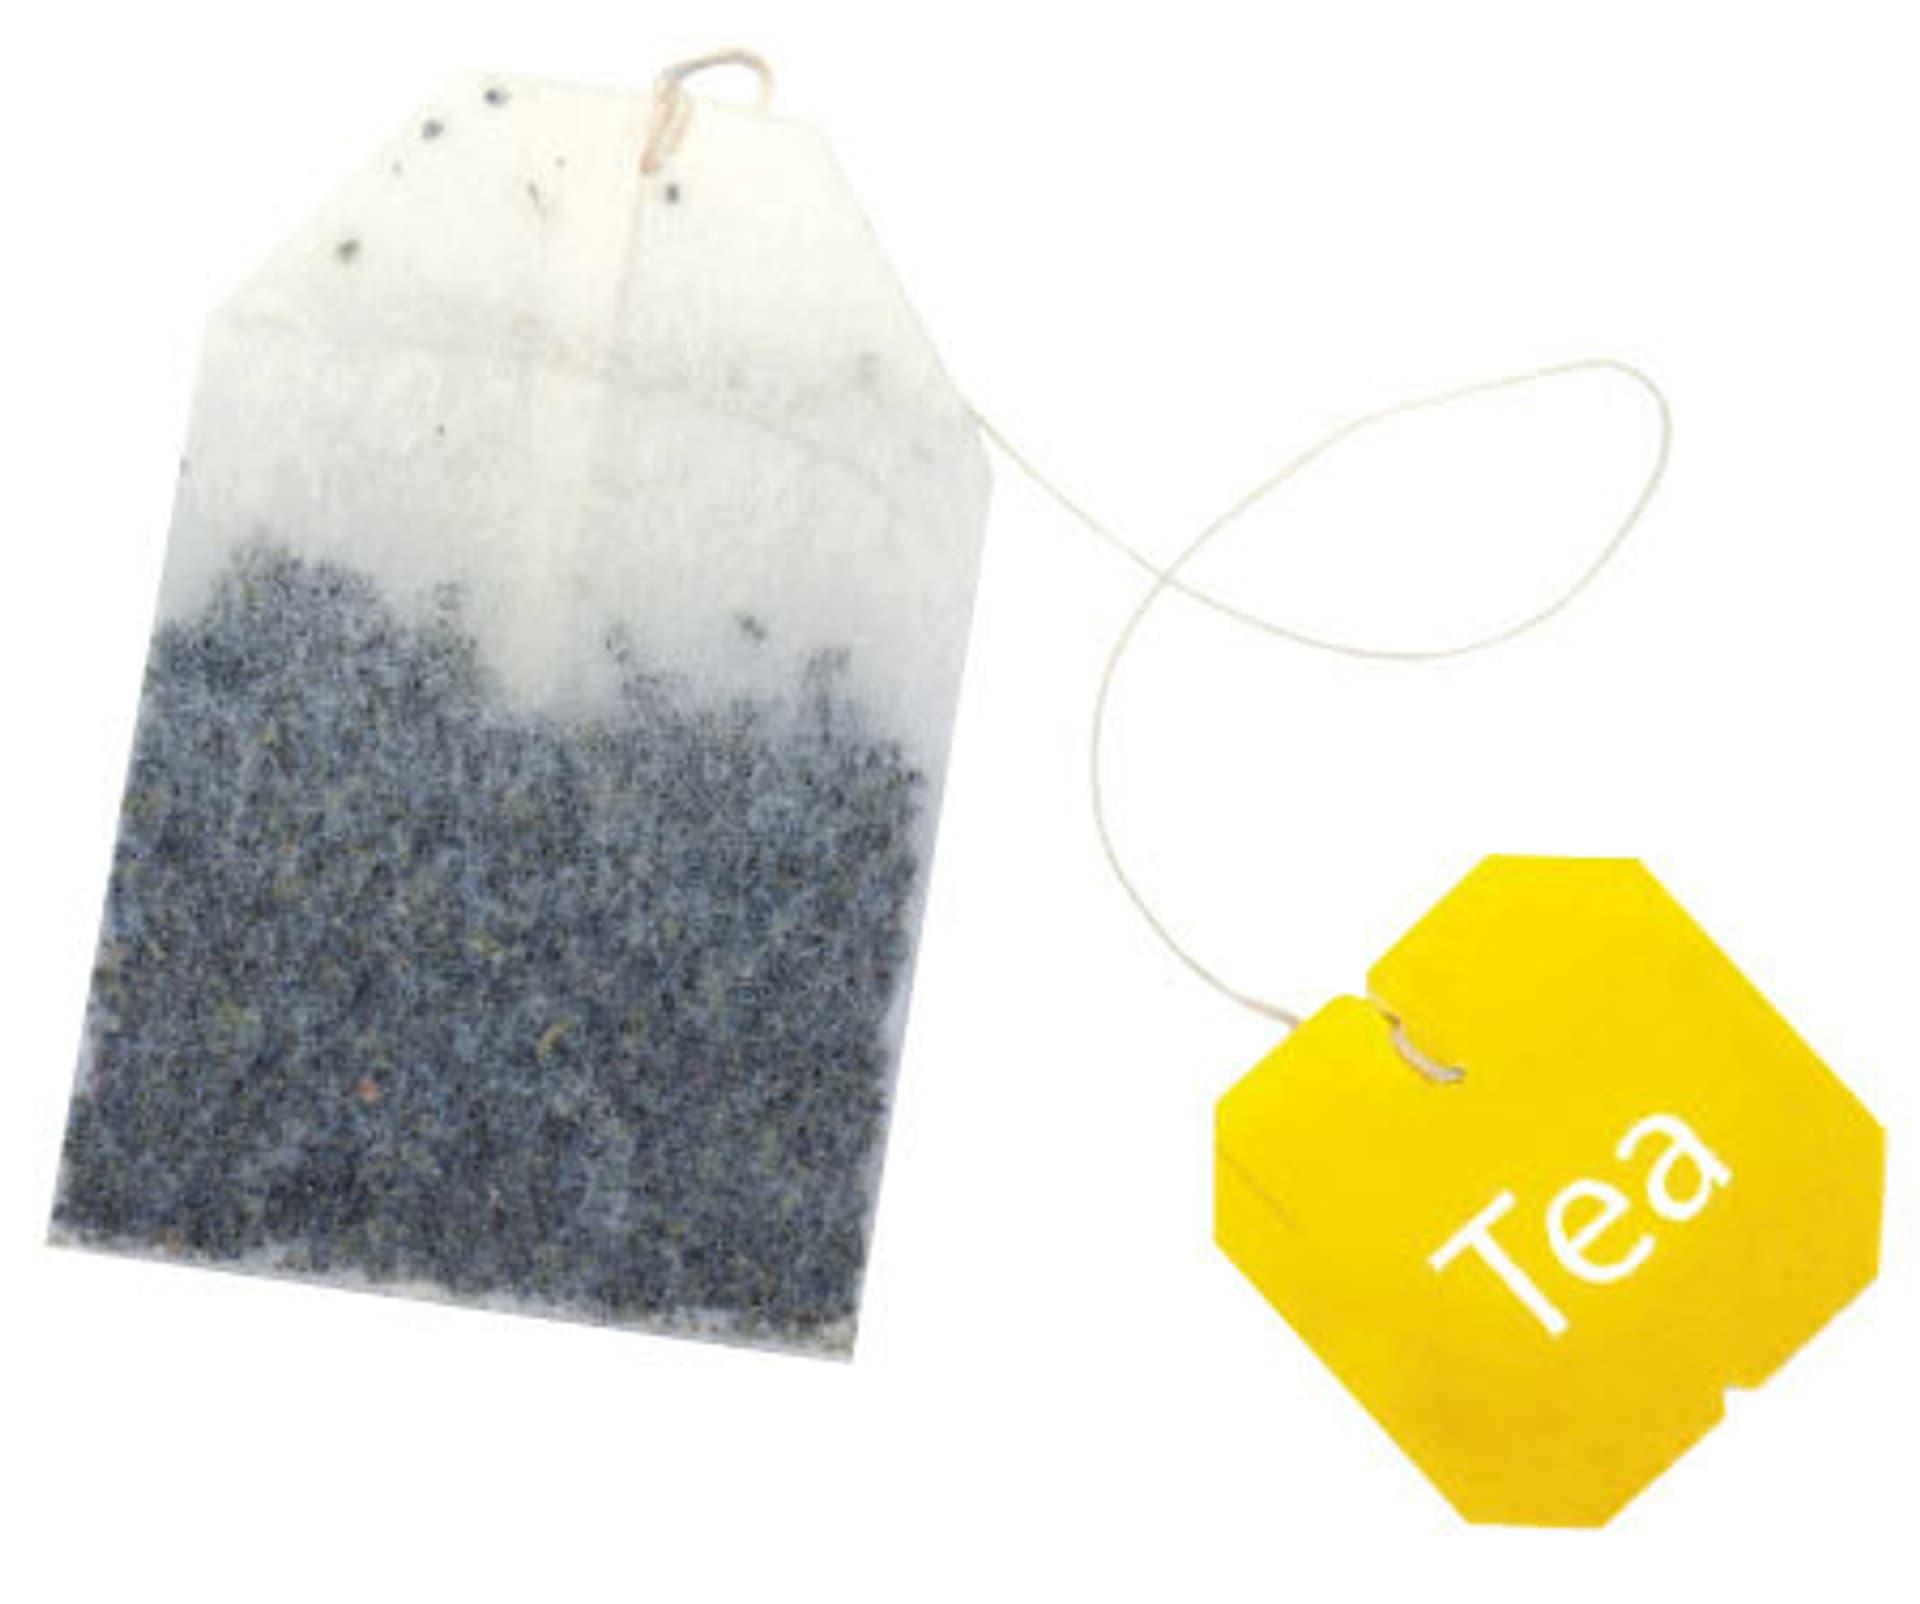 Verpackung tea